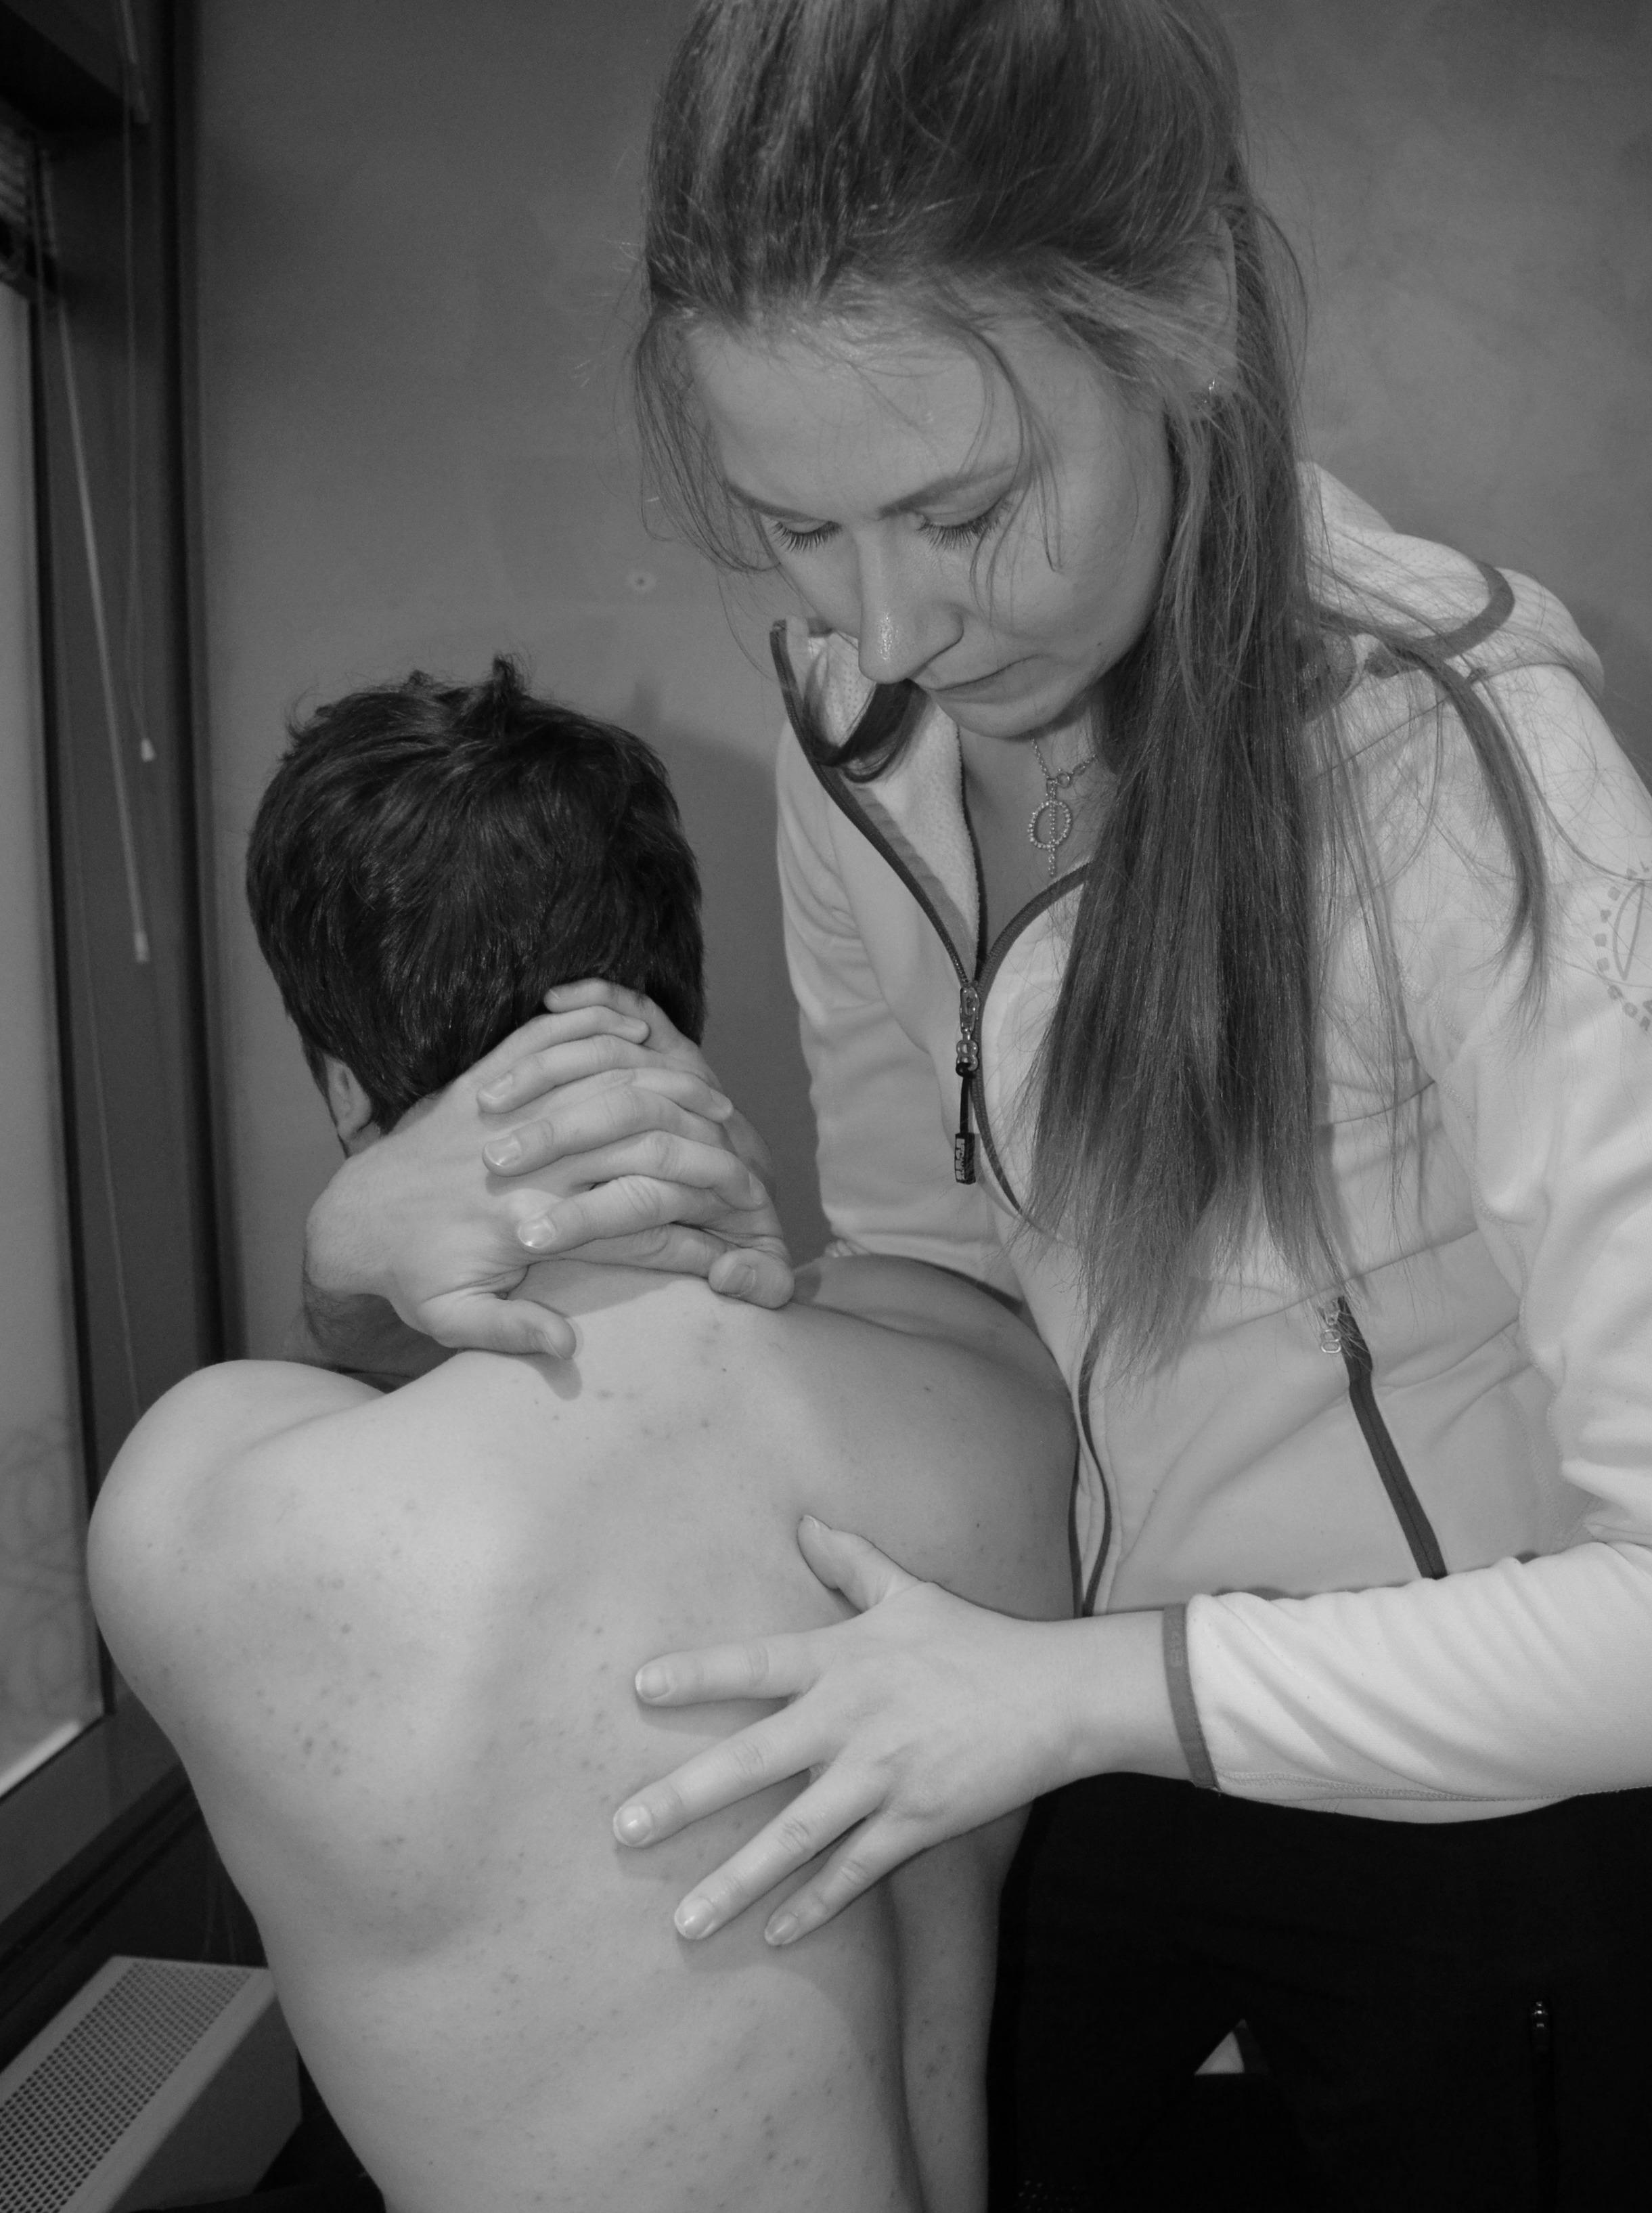 välilevyn pullistuma selässä hoito